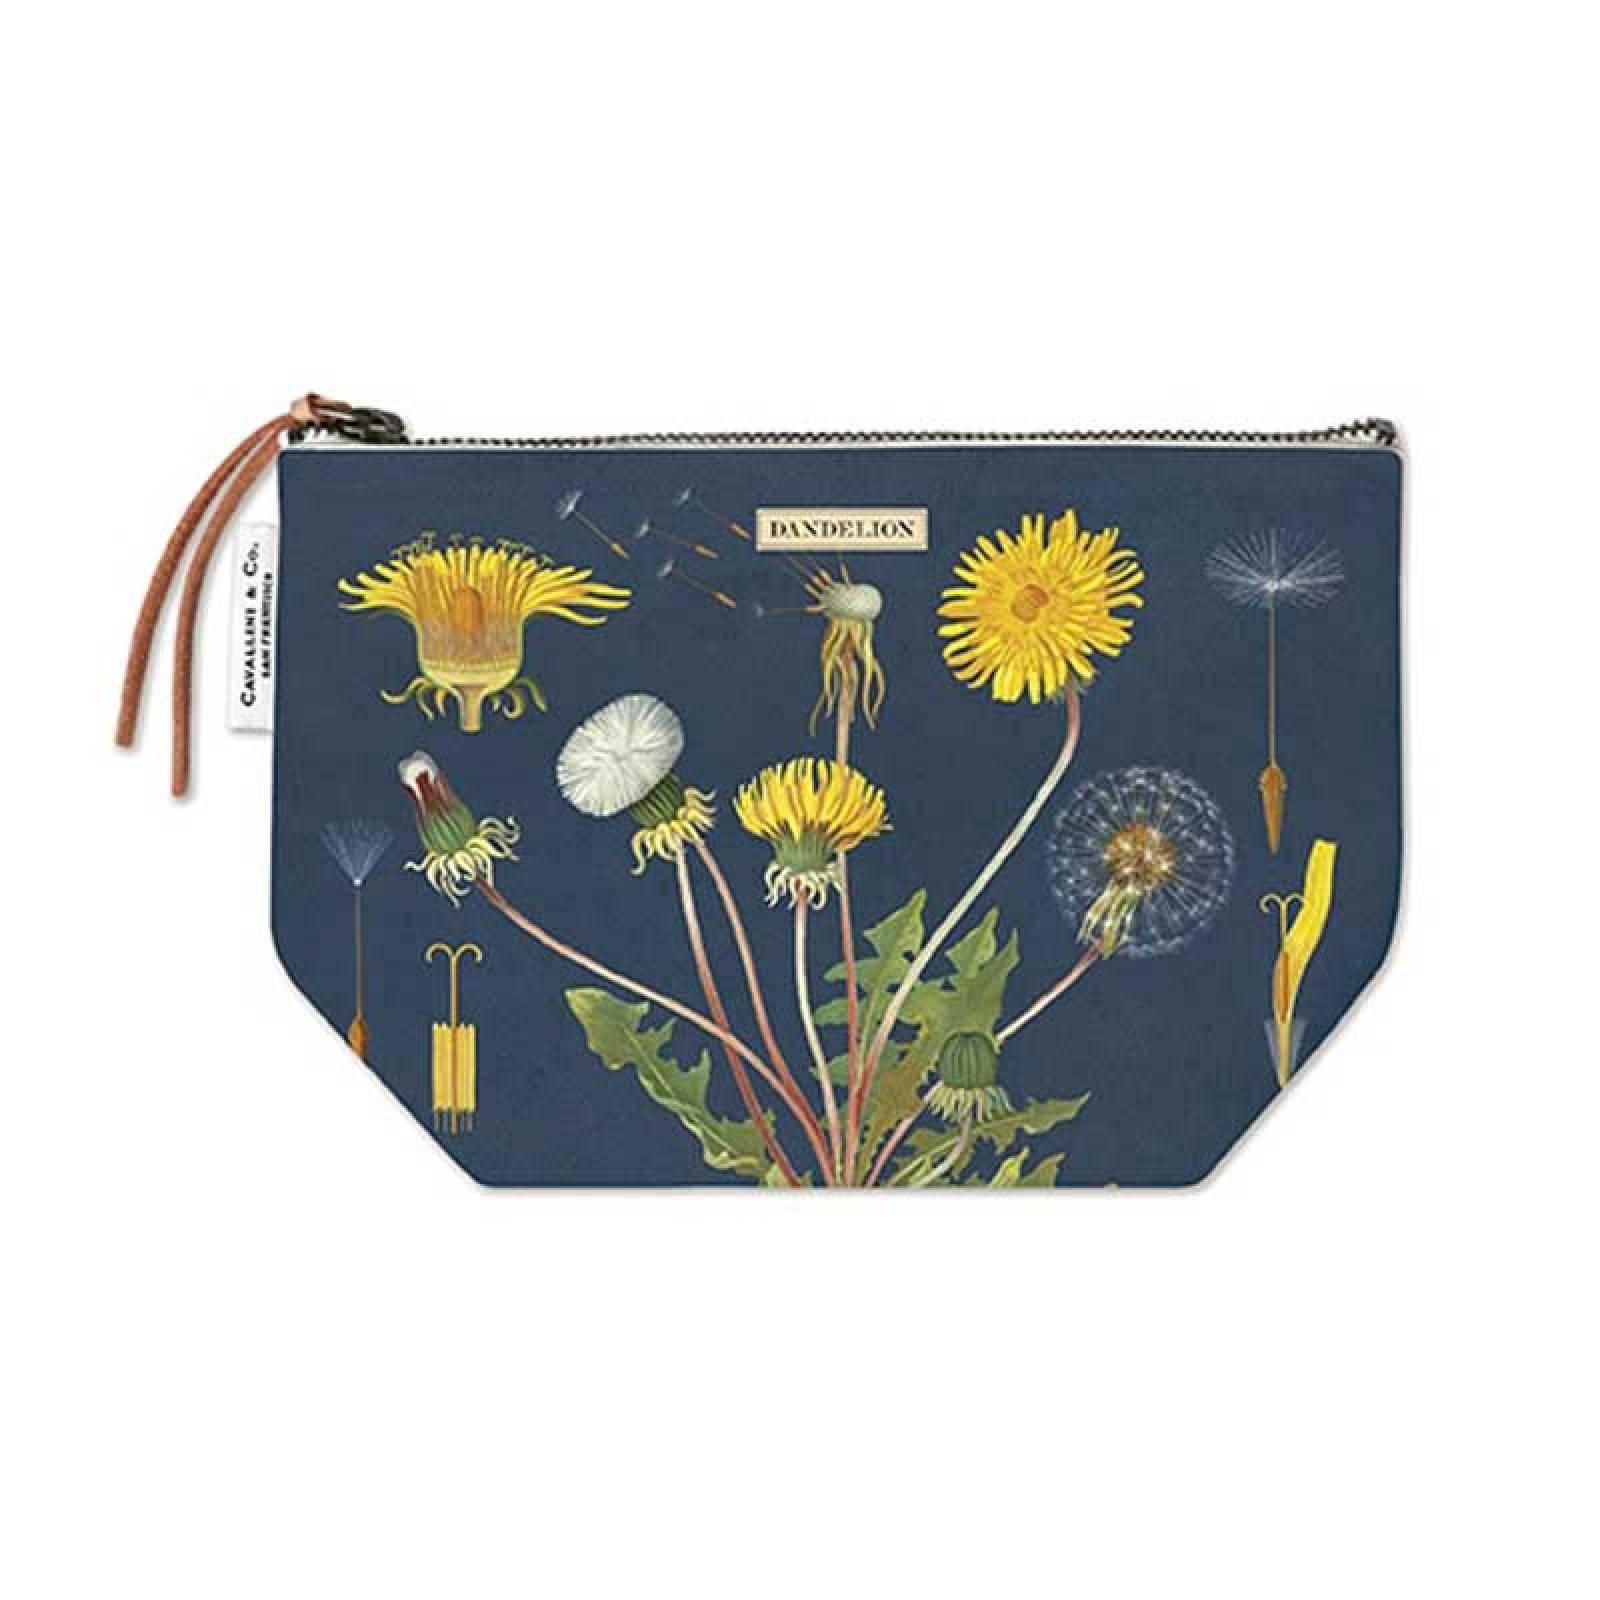 Dandelion Cotton Pouch Bag By Cavallini